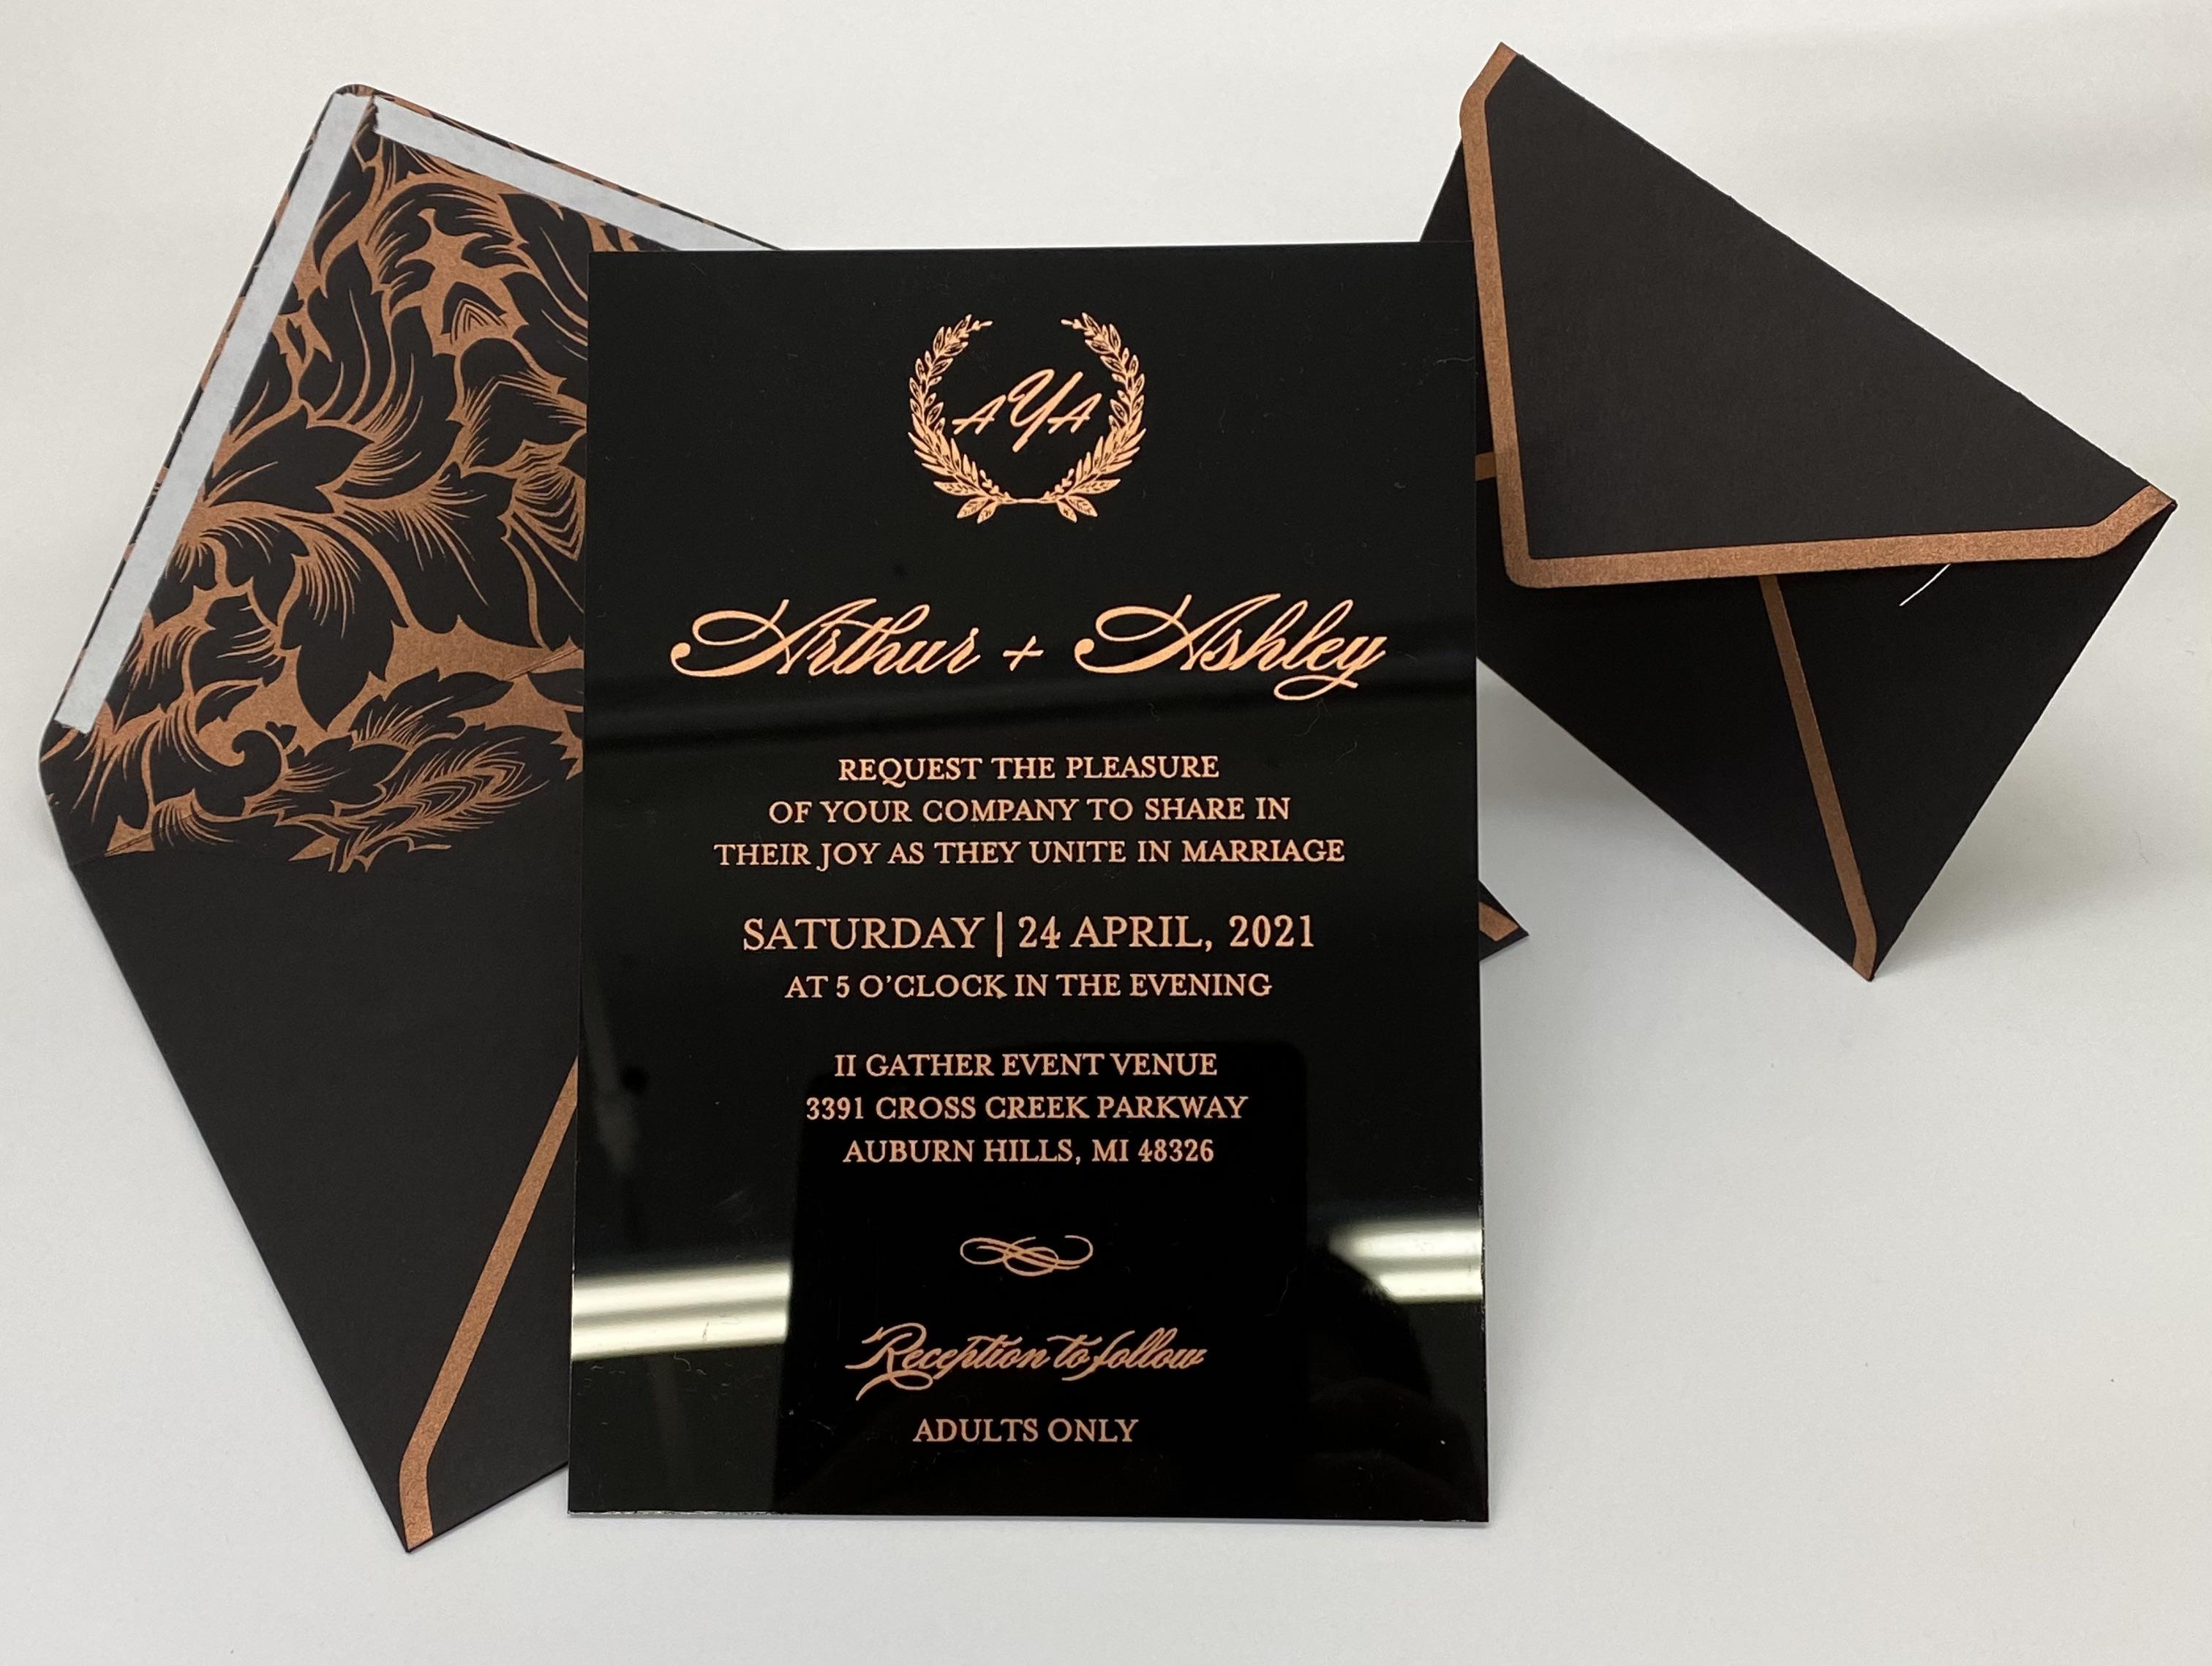 custom acrylic invitations NYC 5